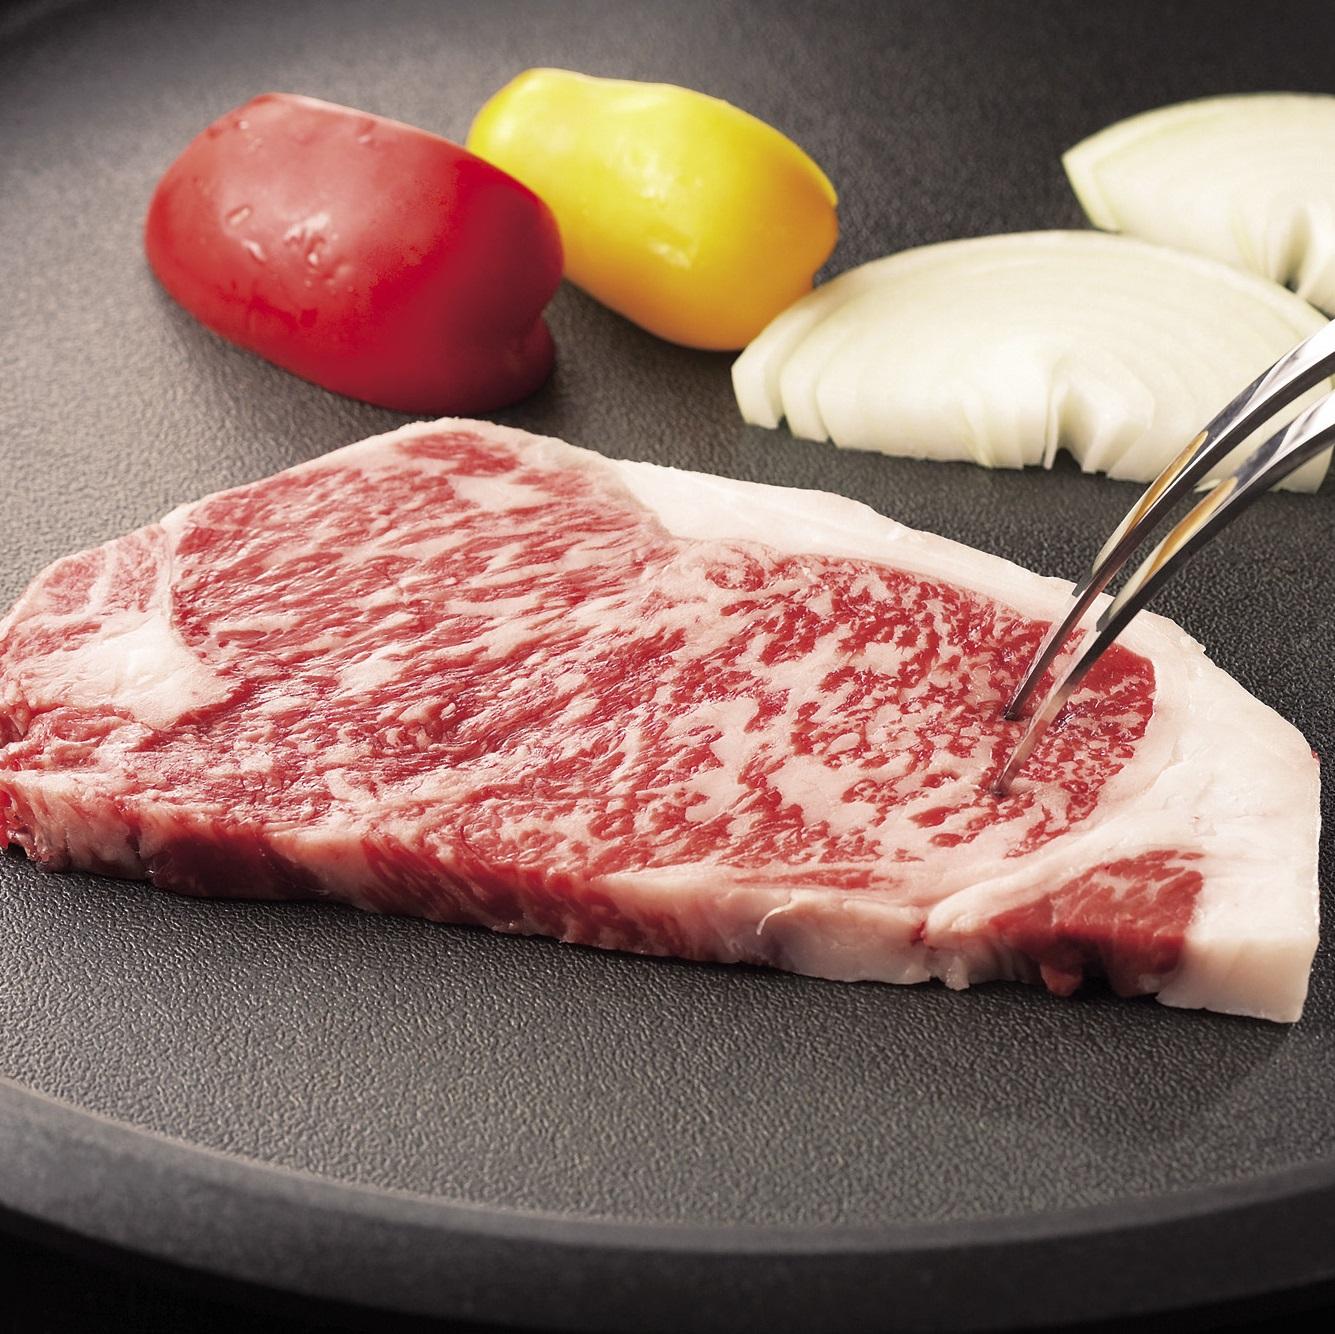 【鹿児島黒牛】サーロインステーキ 800g